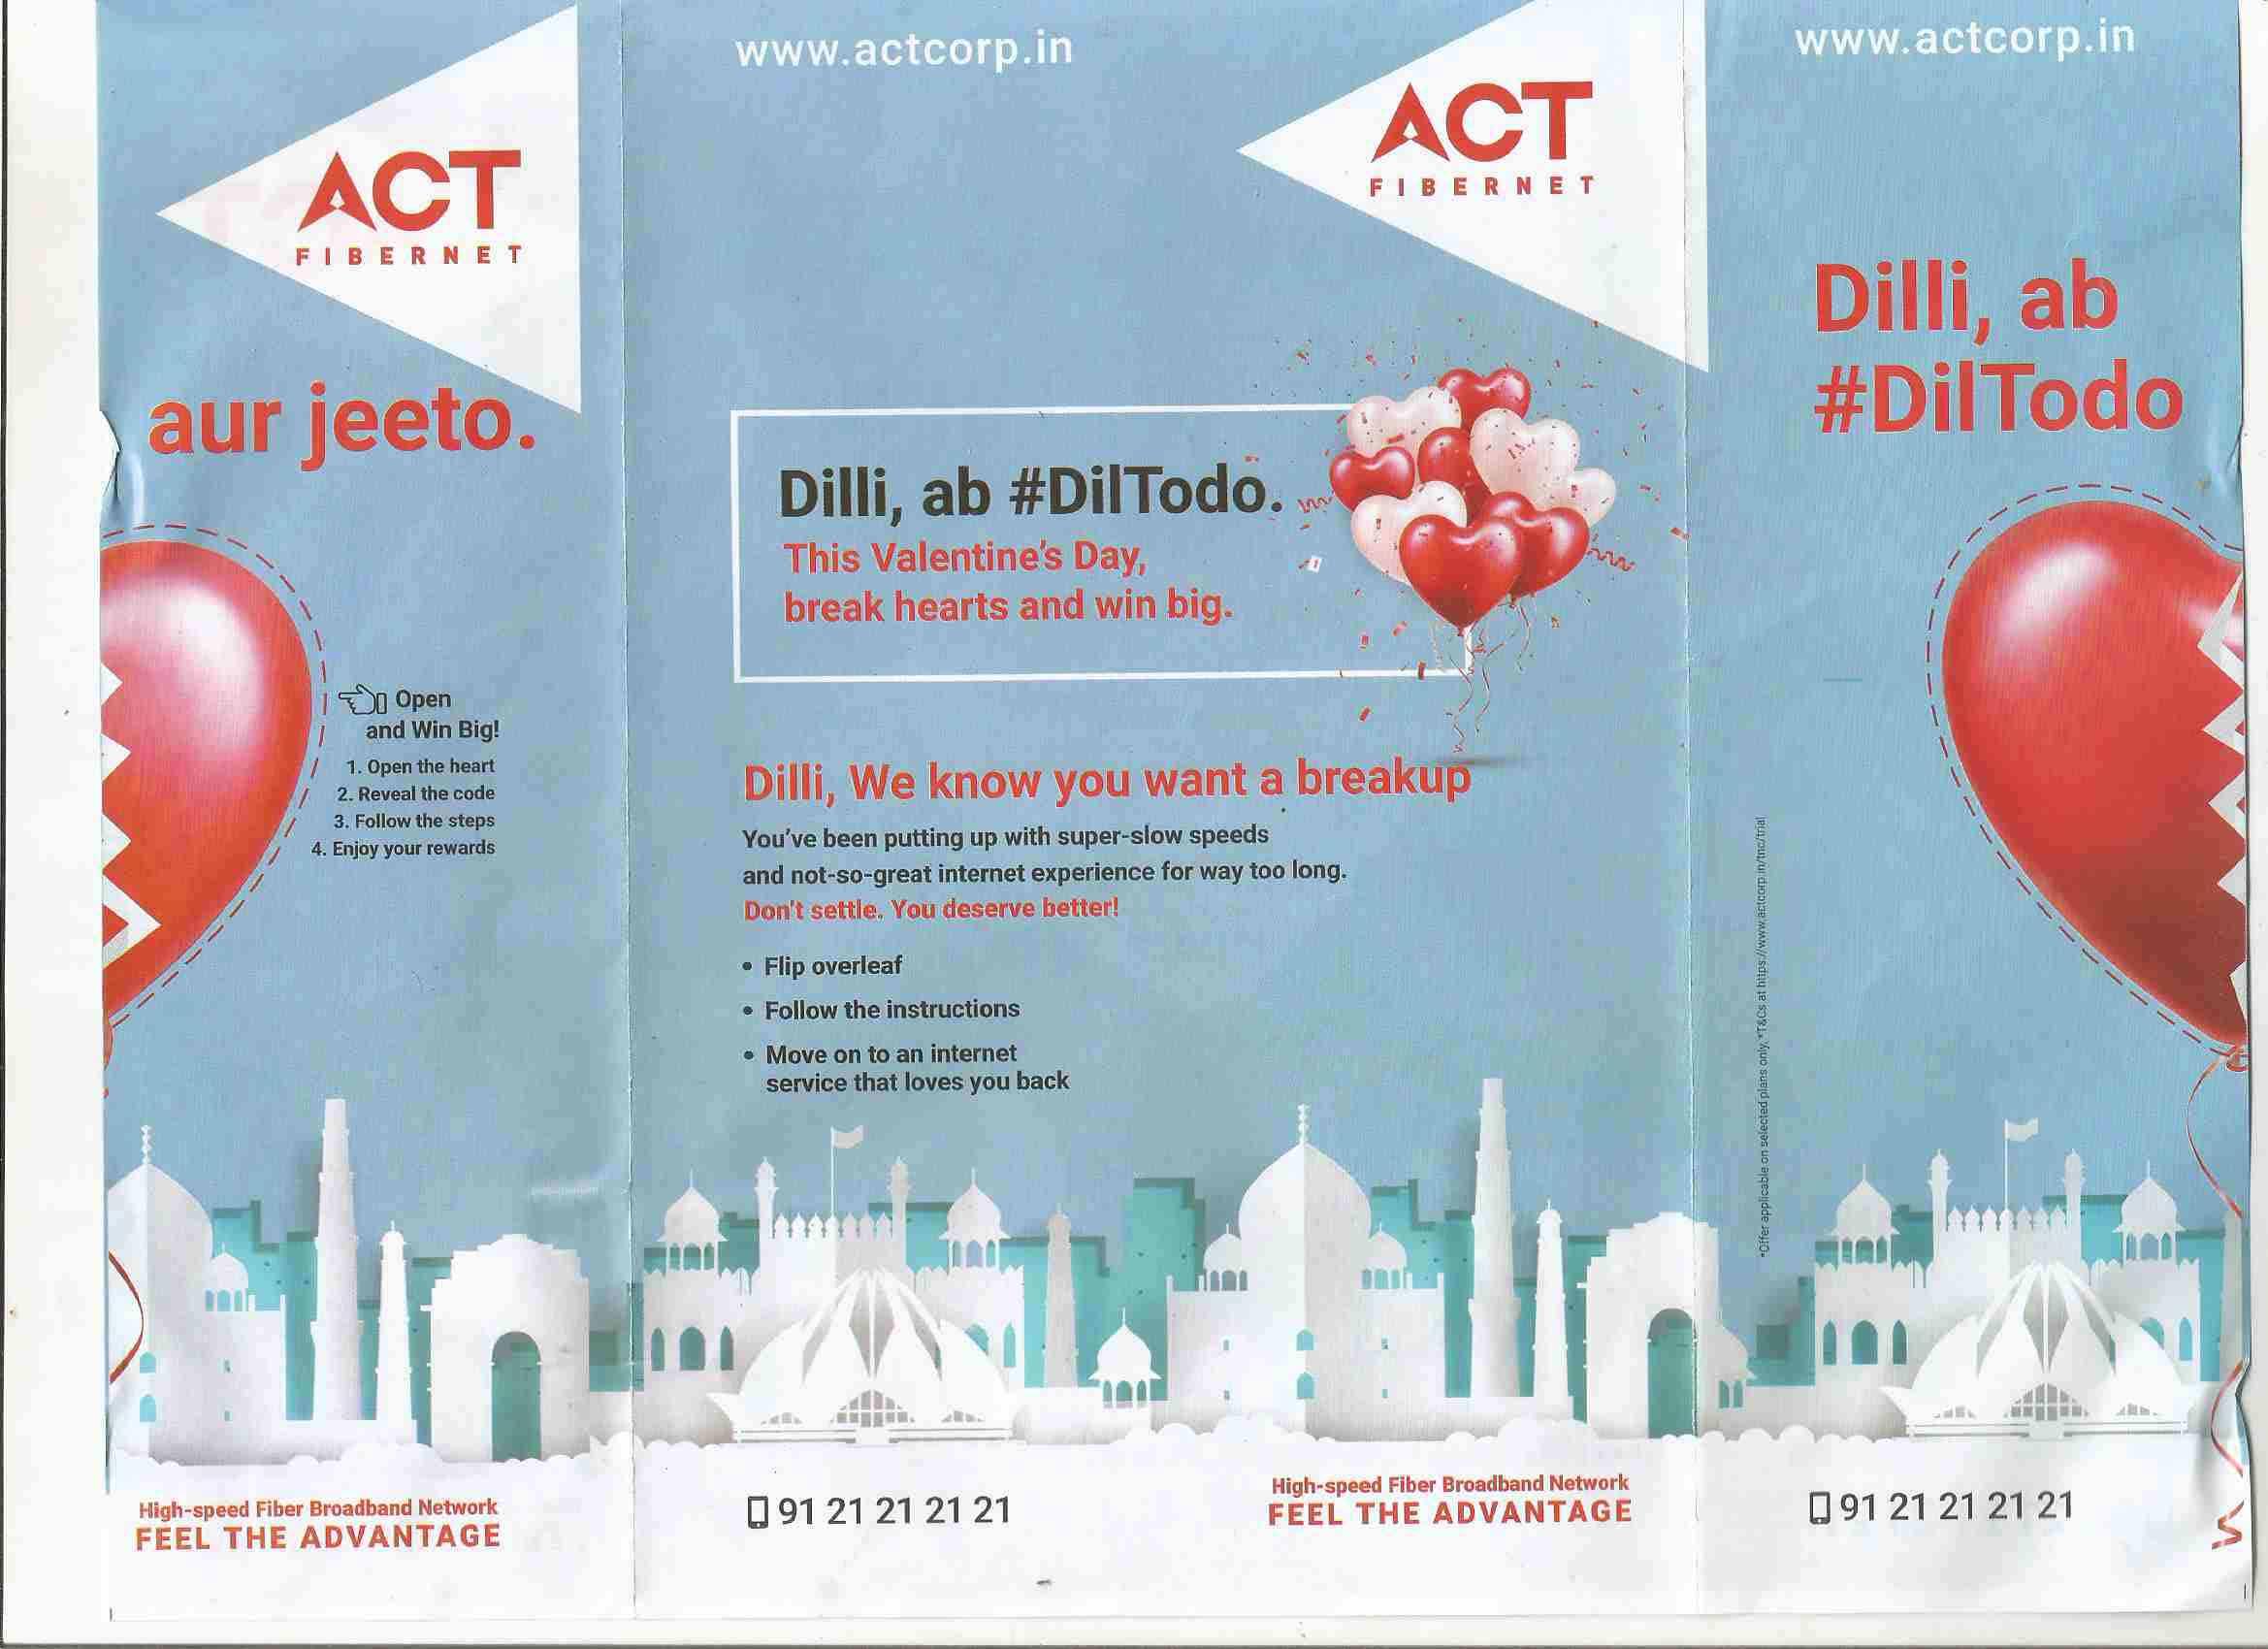 ACT Fibernet Dilli Dil to Do2